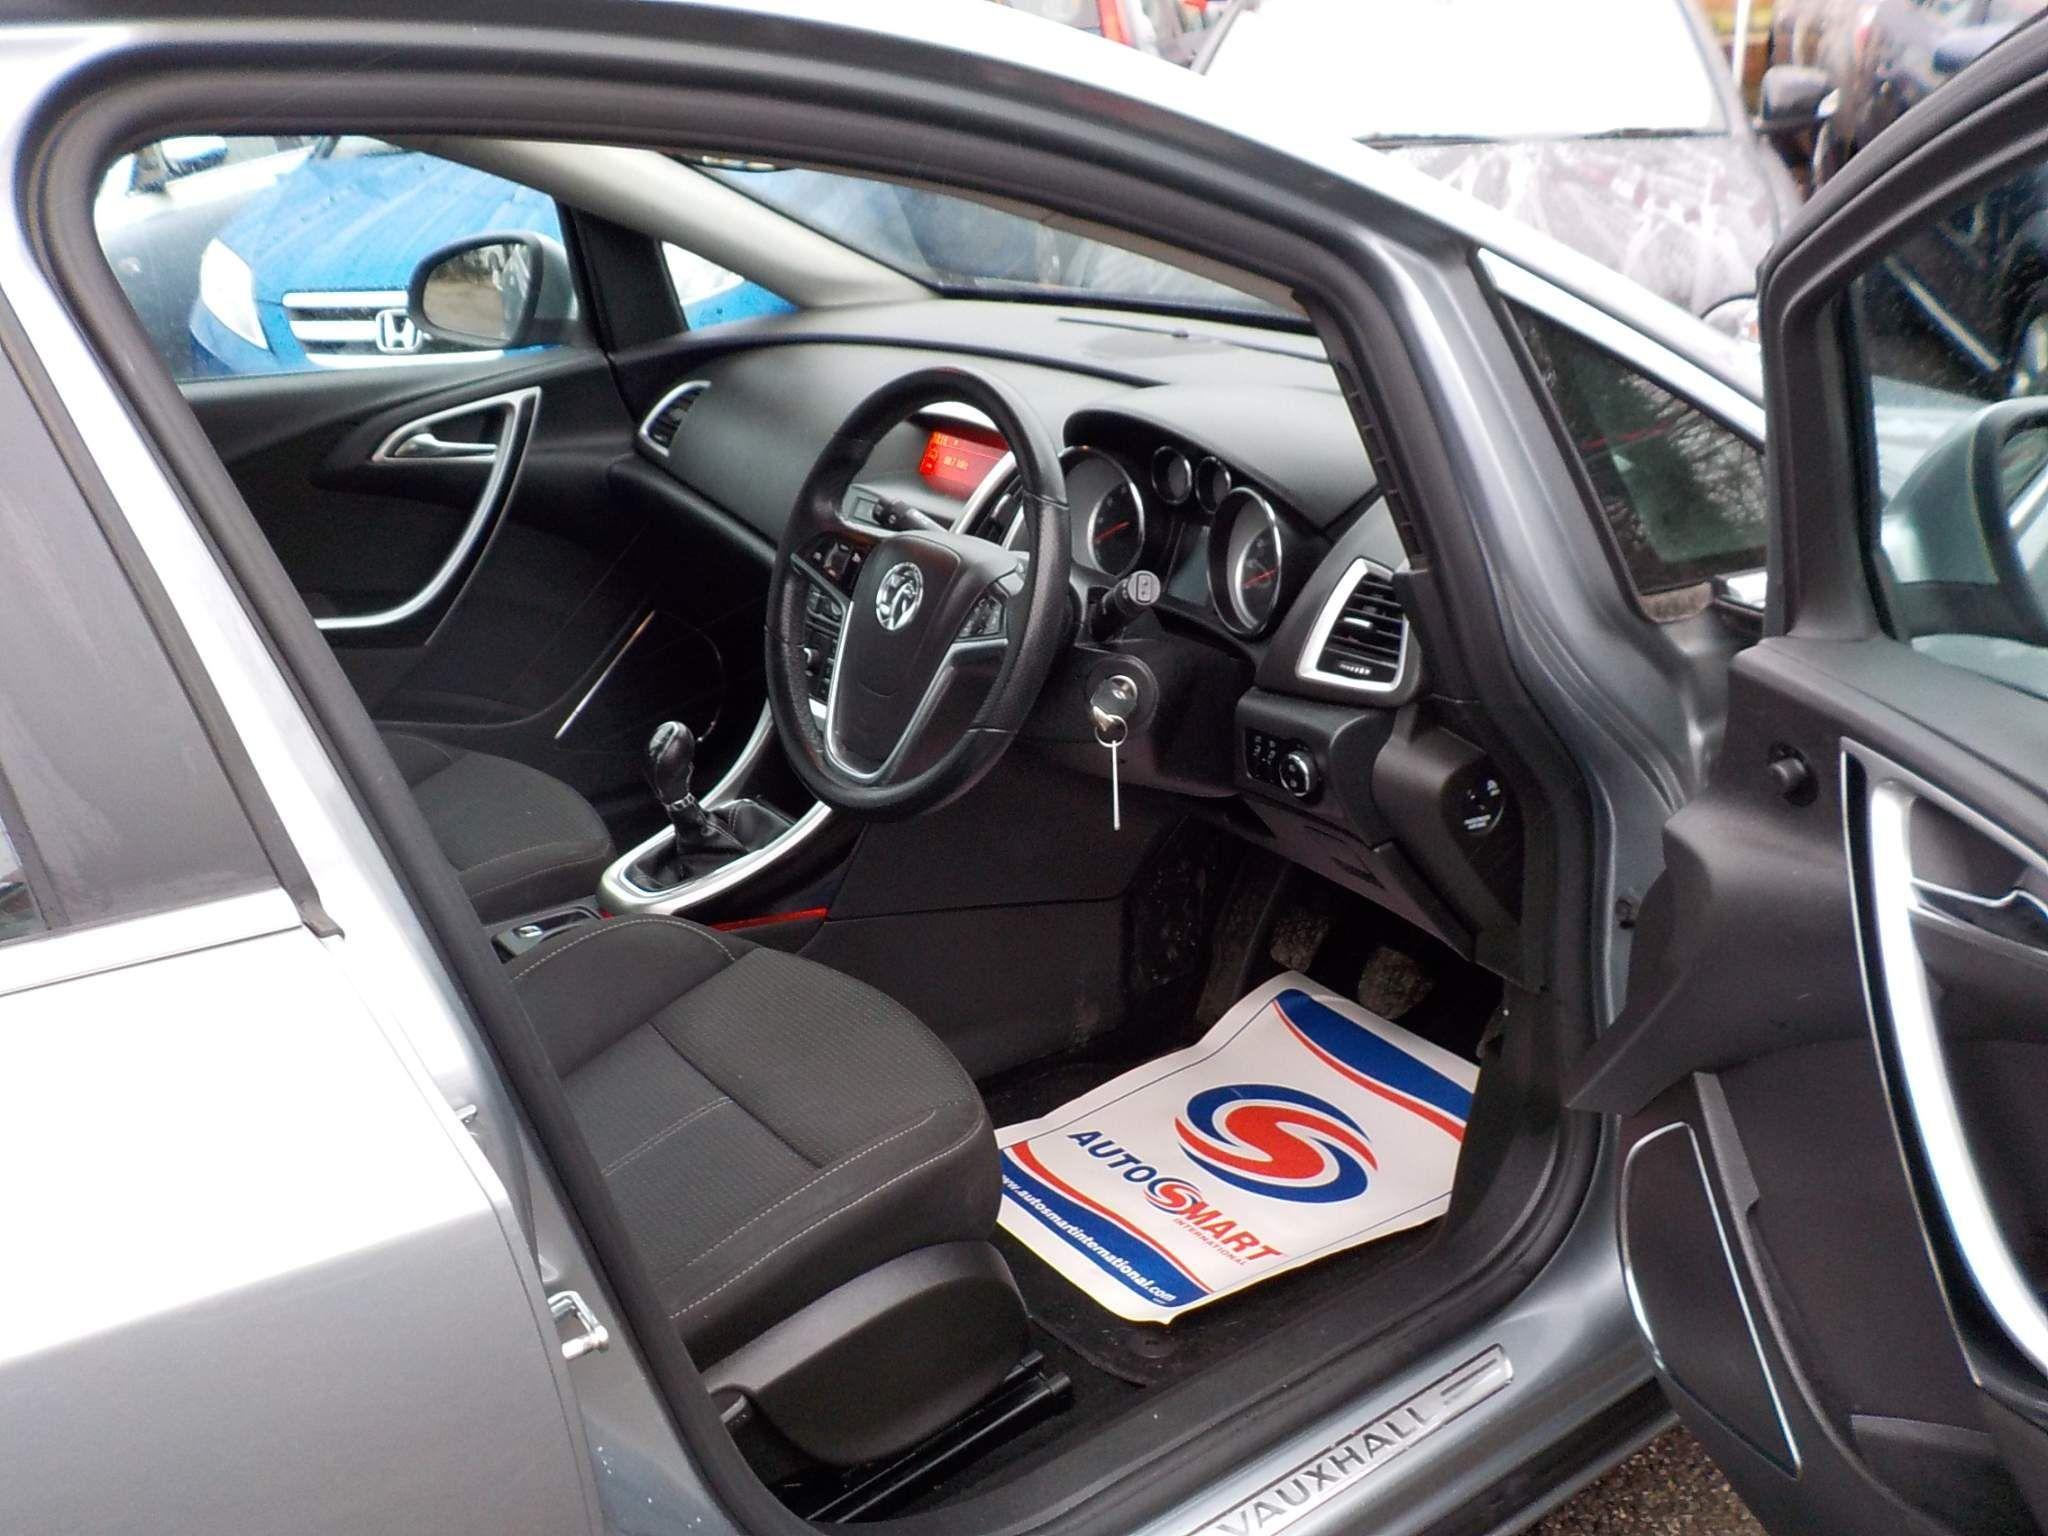 Vauxhall Astra 1.6 16v SRi 5dr